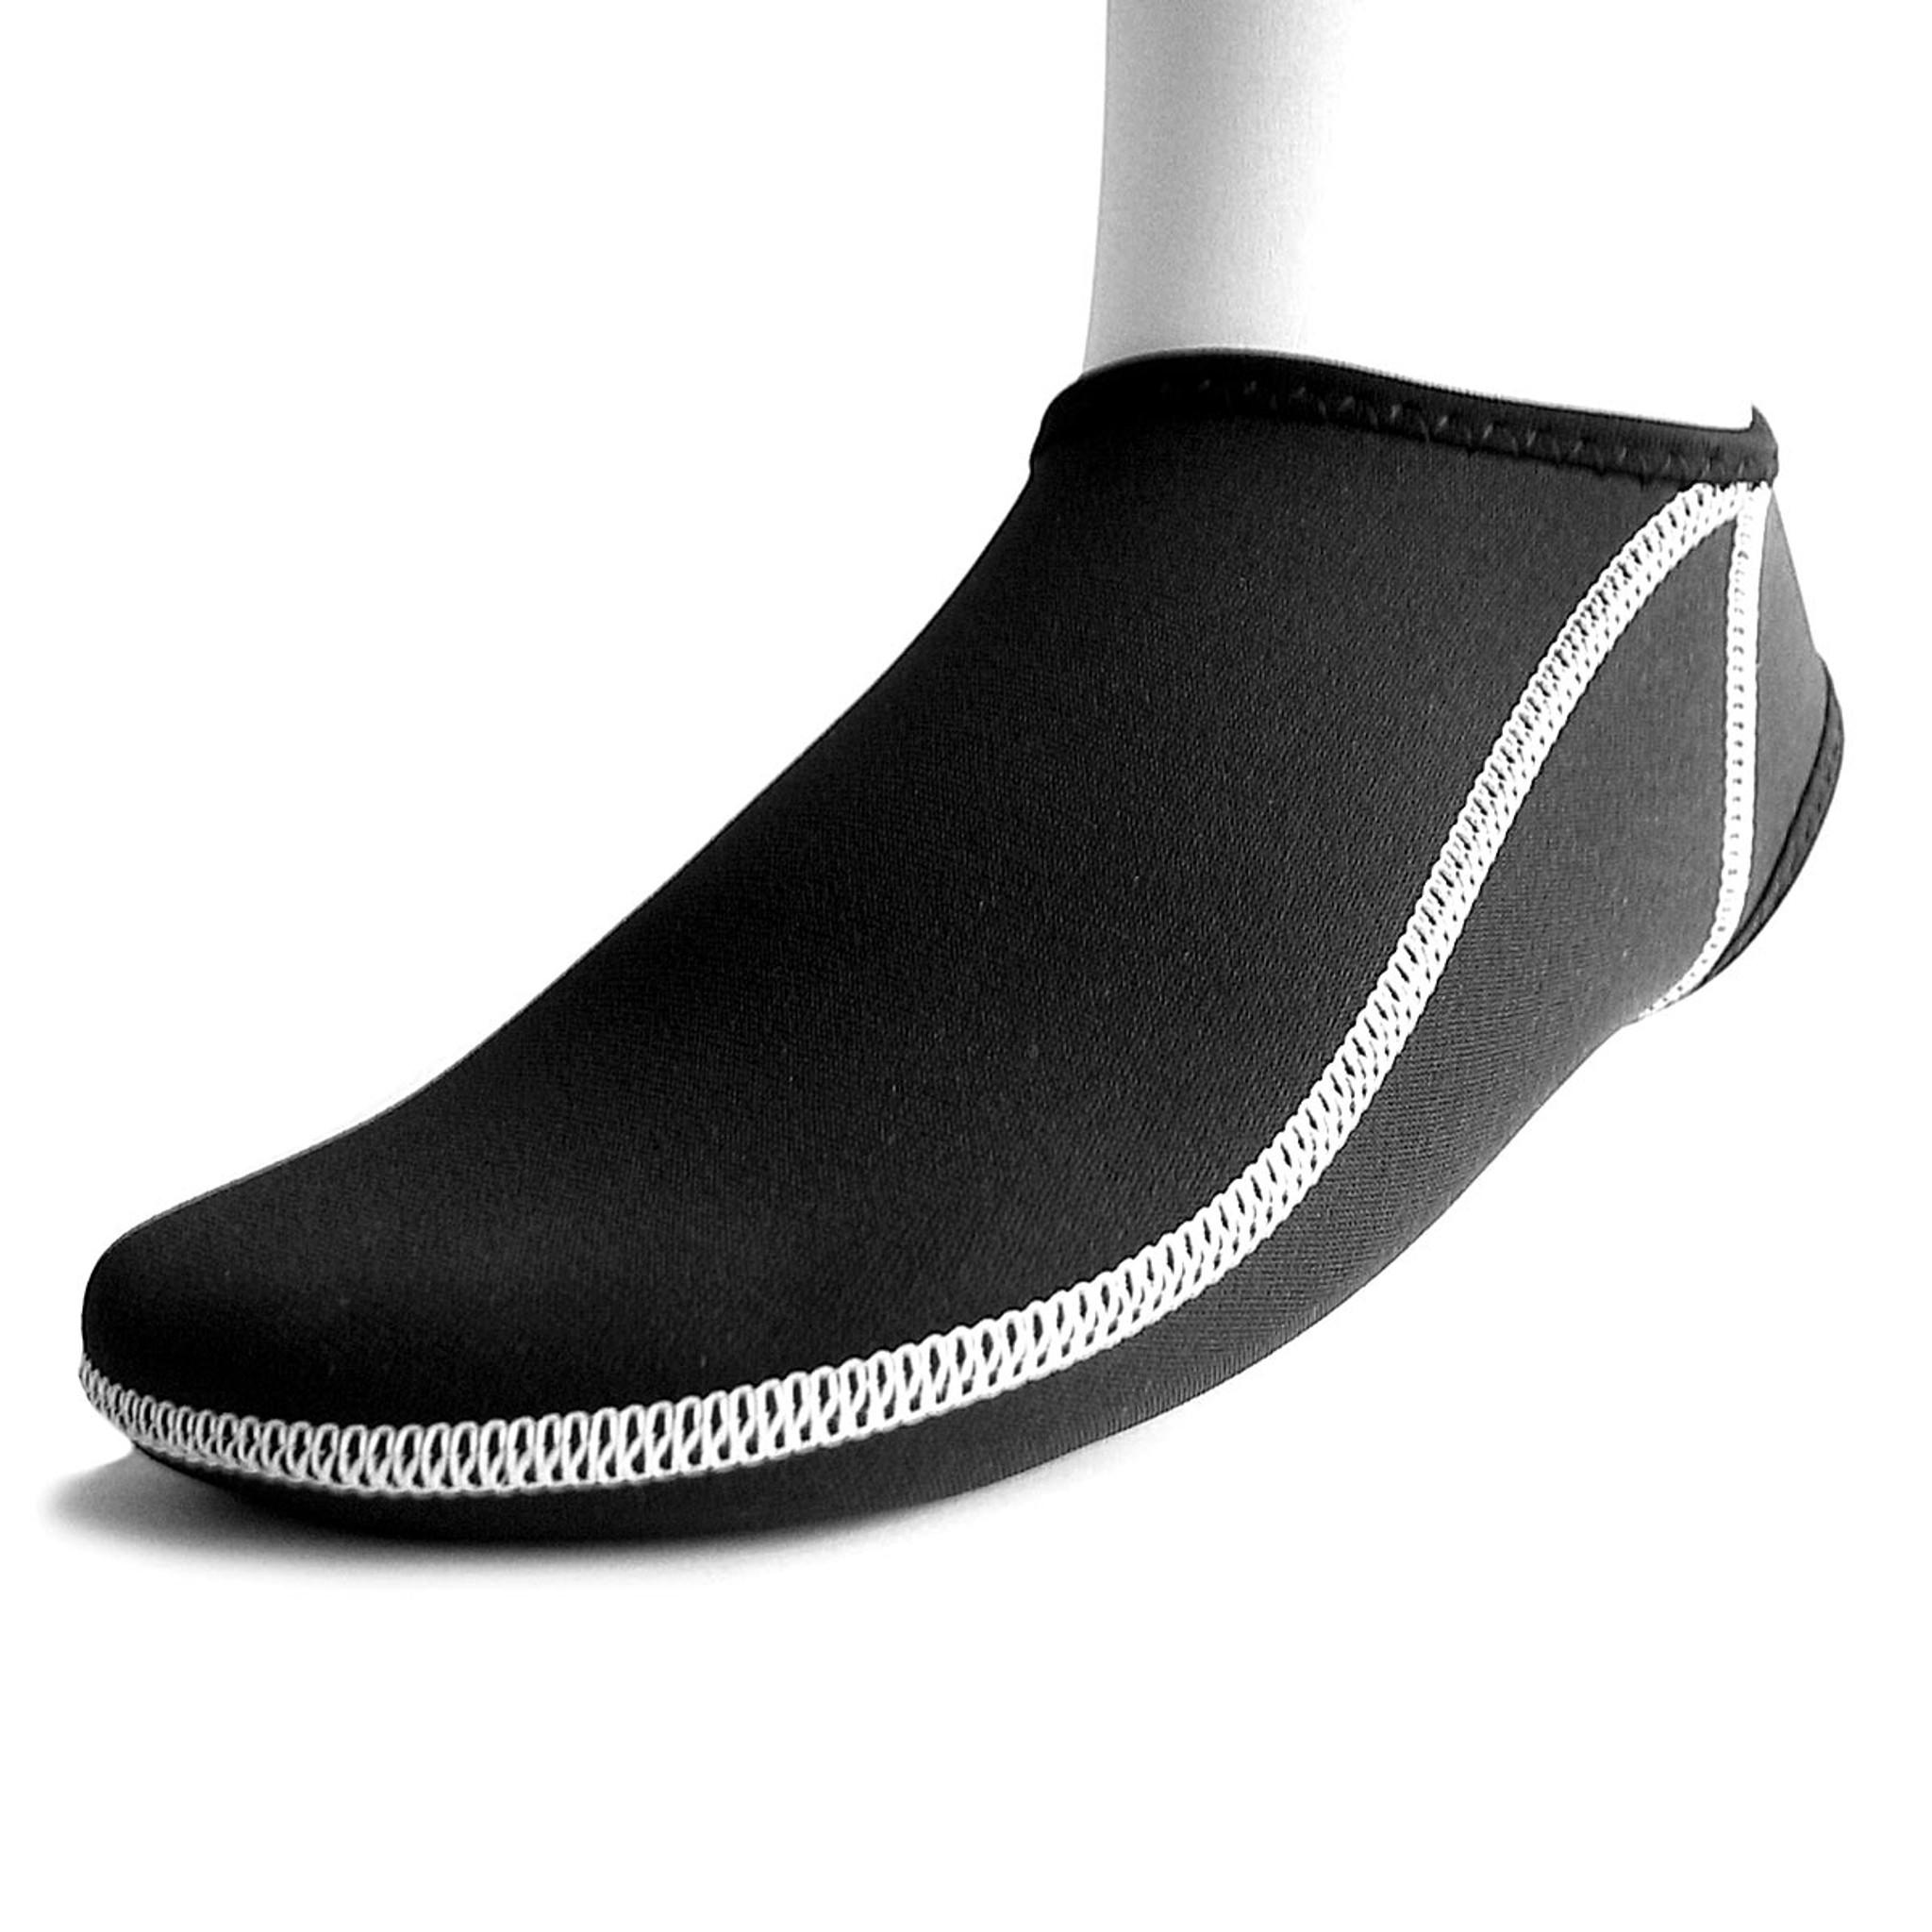 POD Socks